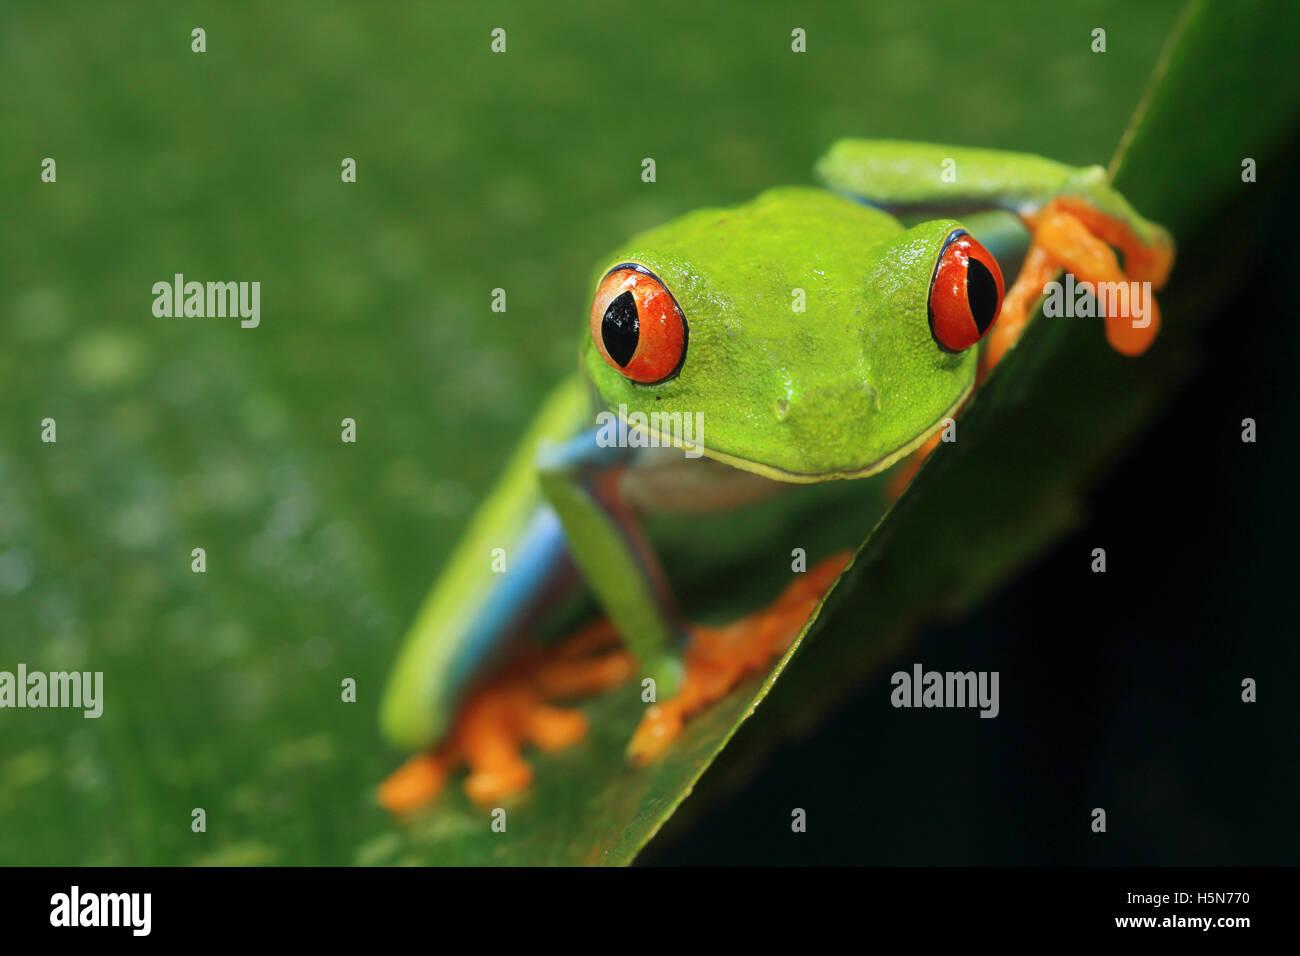 La Rainette aux yeux rouges (agalychnis callidryas) dans la forêt tropicale des Caraïbes. Parc National de Tortuguero, Costa Rica. Banque D'Images